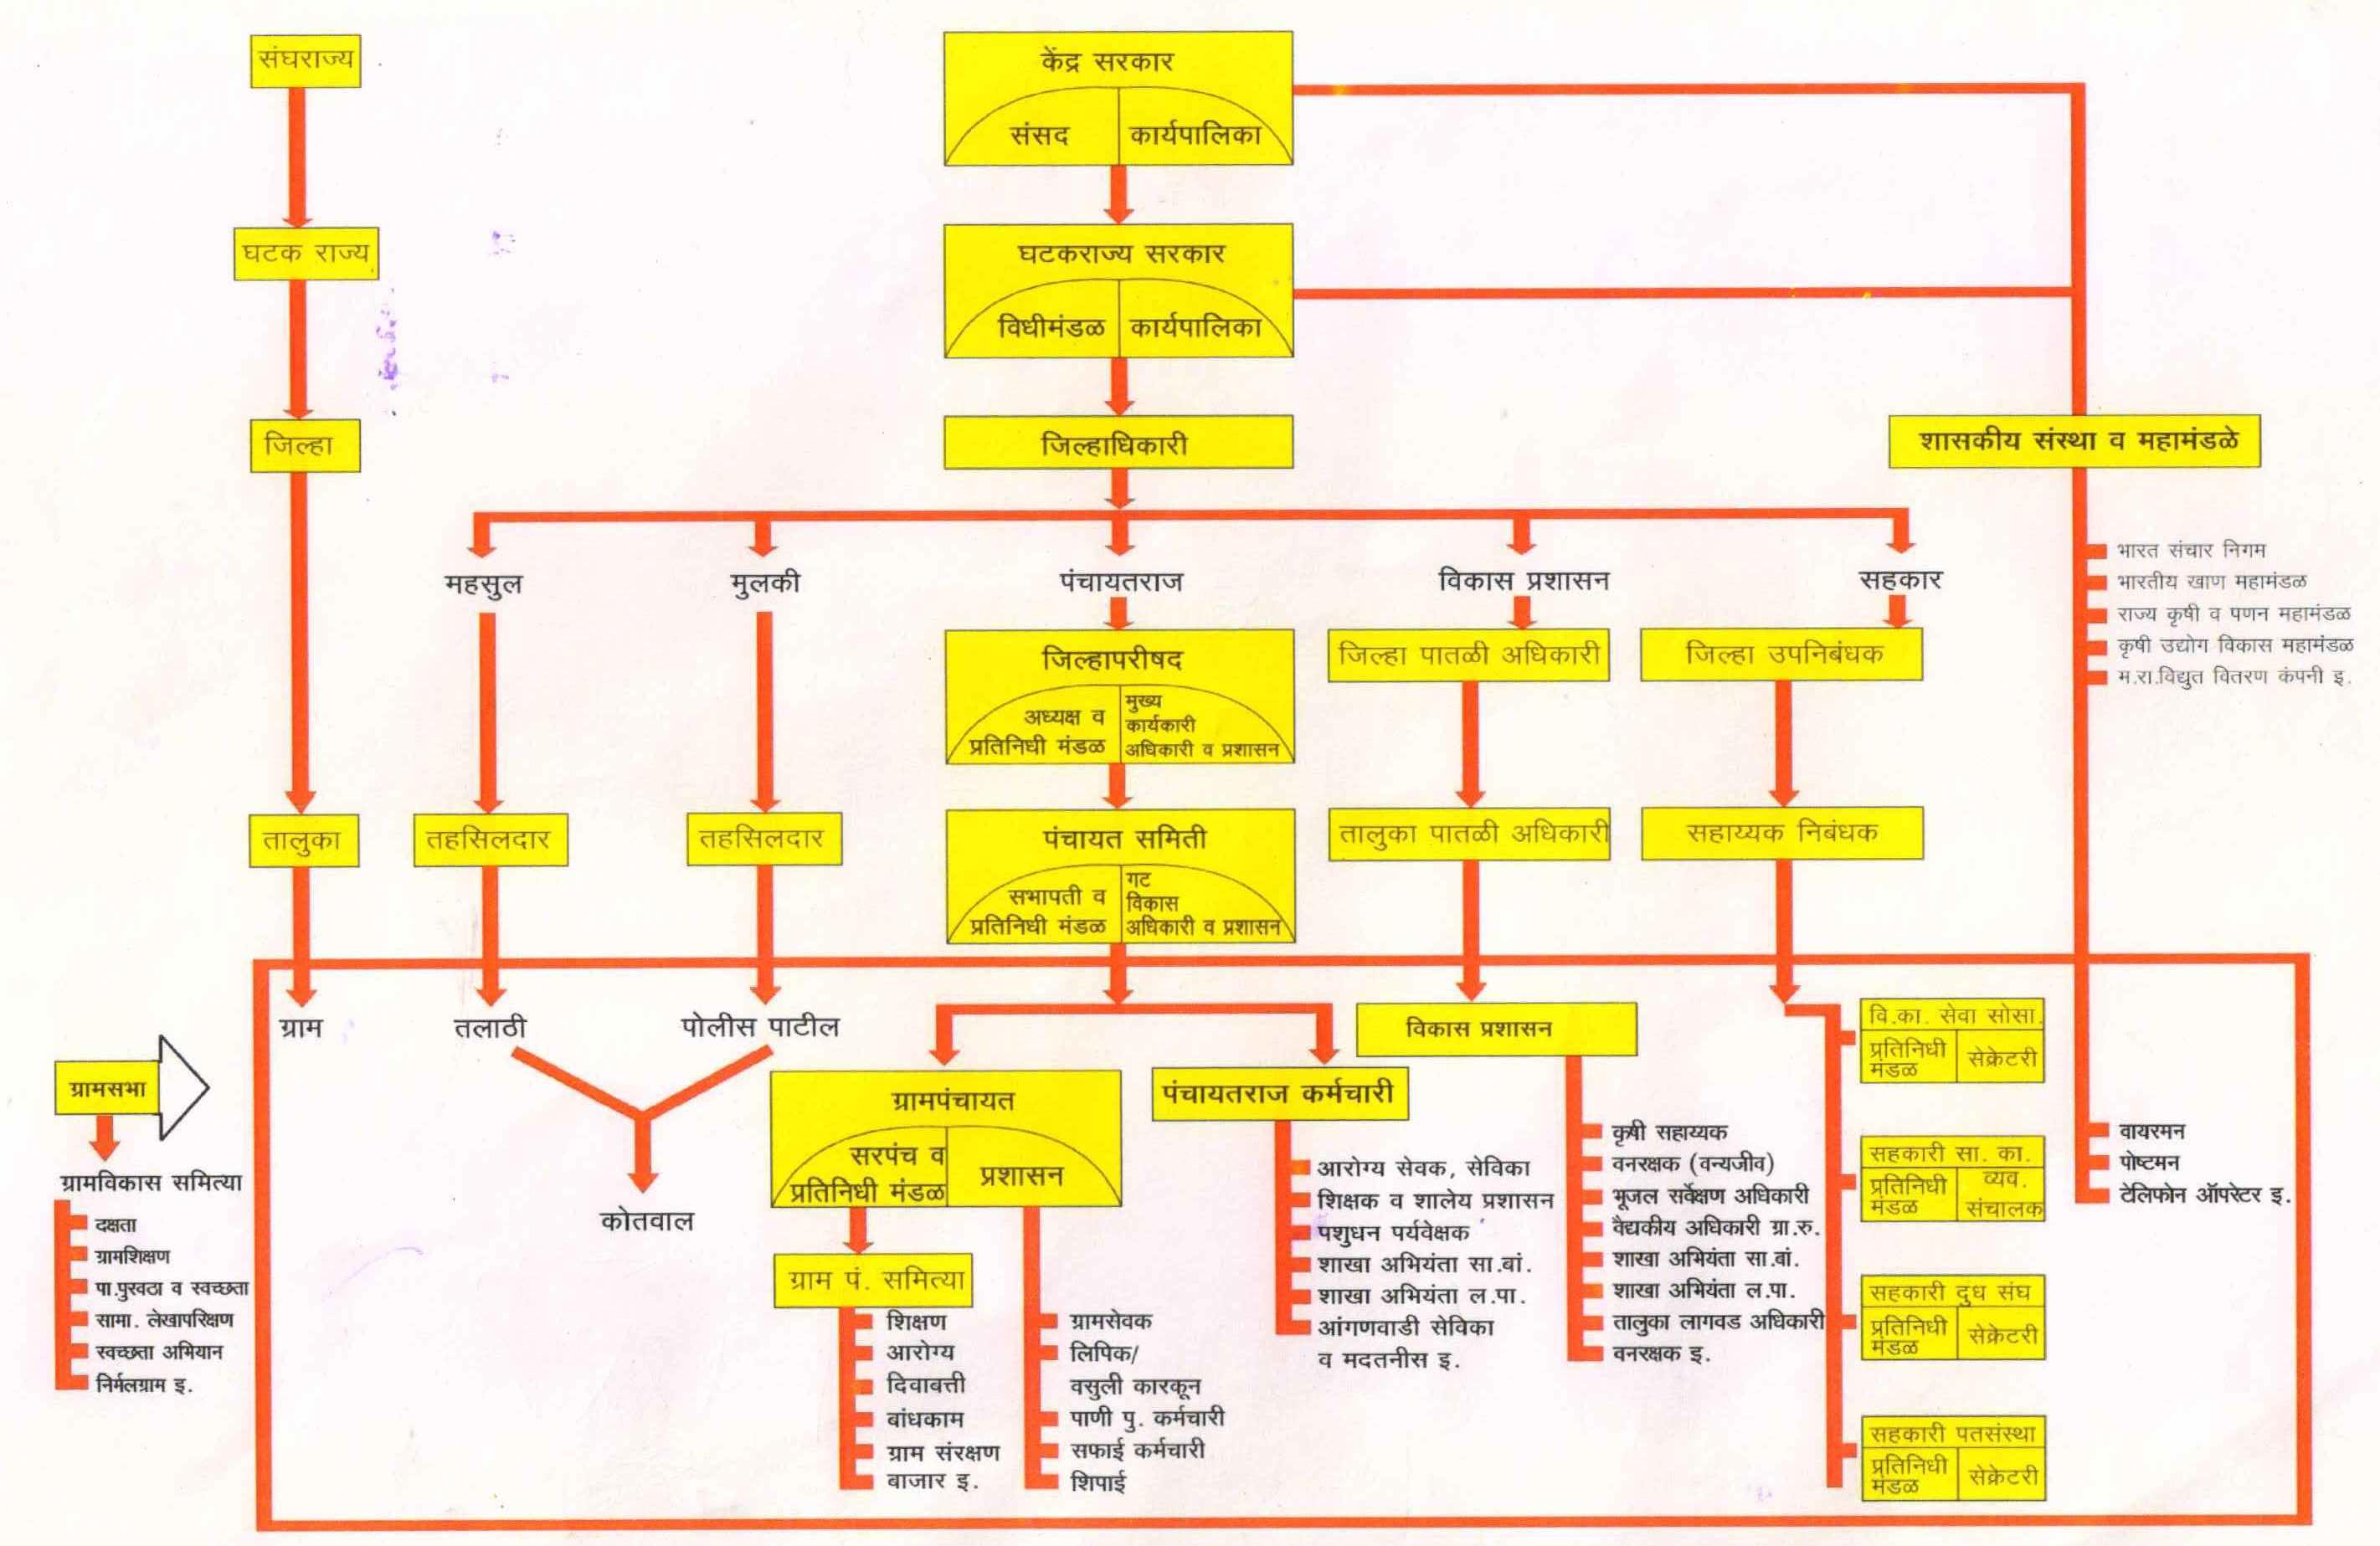 ग्रामपातळीवरील शासन-प्रशासन